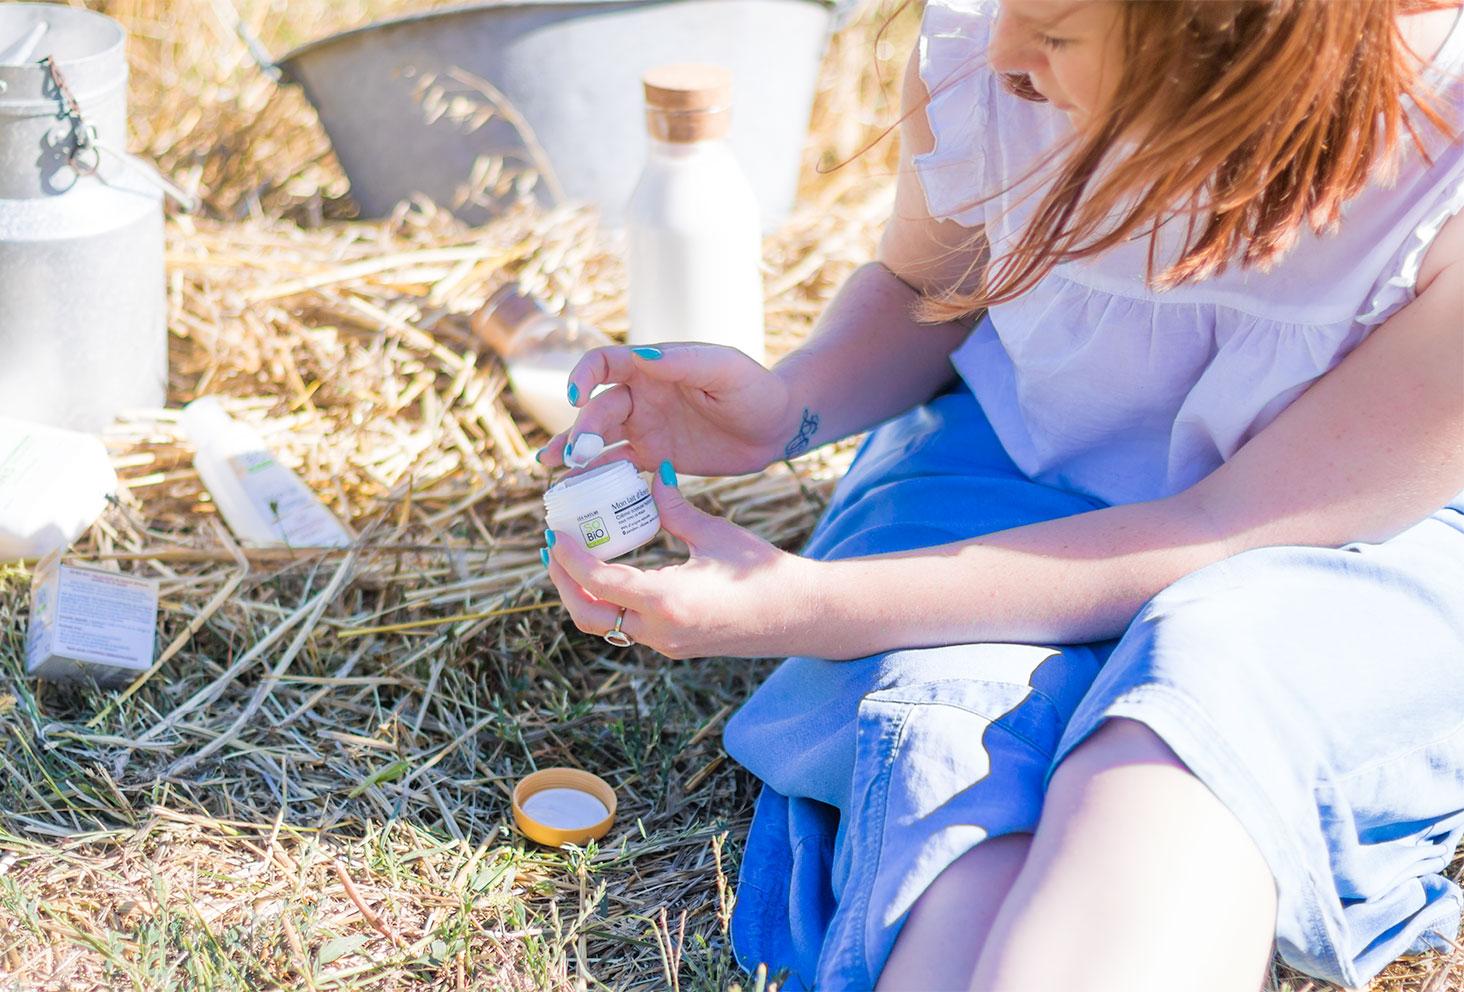 Utilisation de la crème visage au lait d'ânesse de la gamme Mon lait d'Ânesse de la marque SO'BiO étic